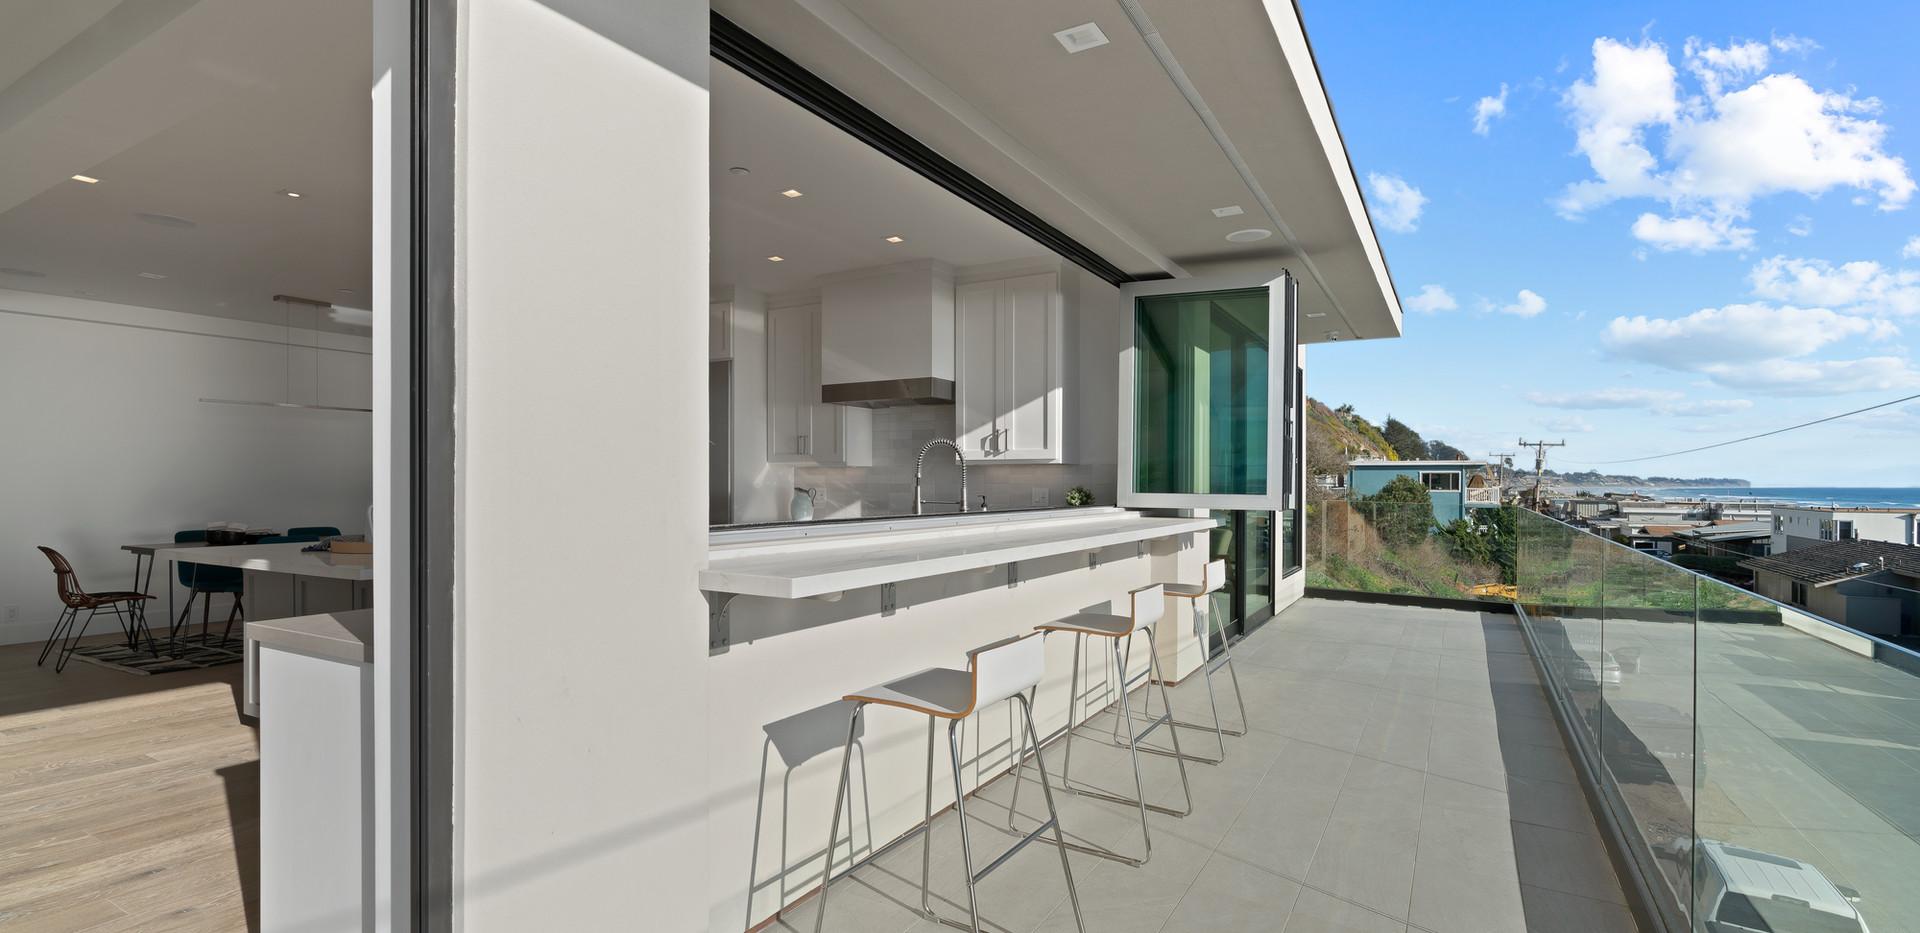 2nd Floor Penthouse - Deck Bar